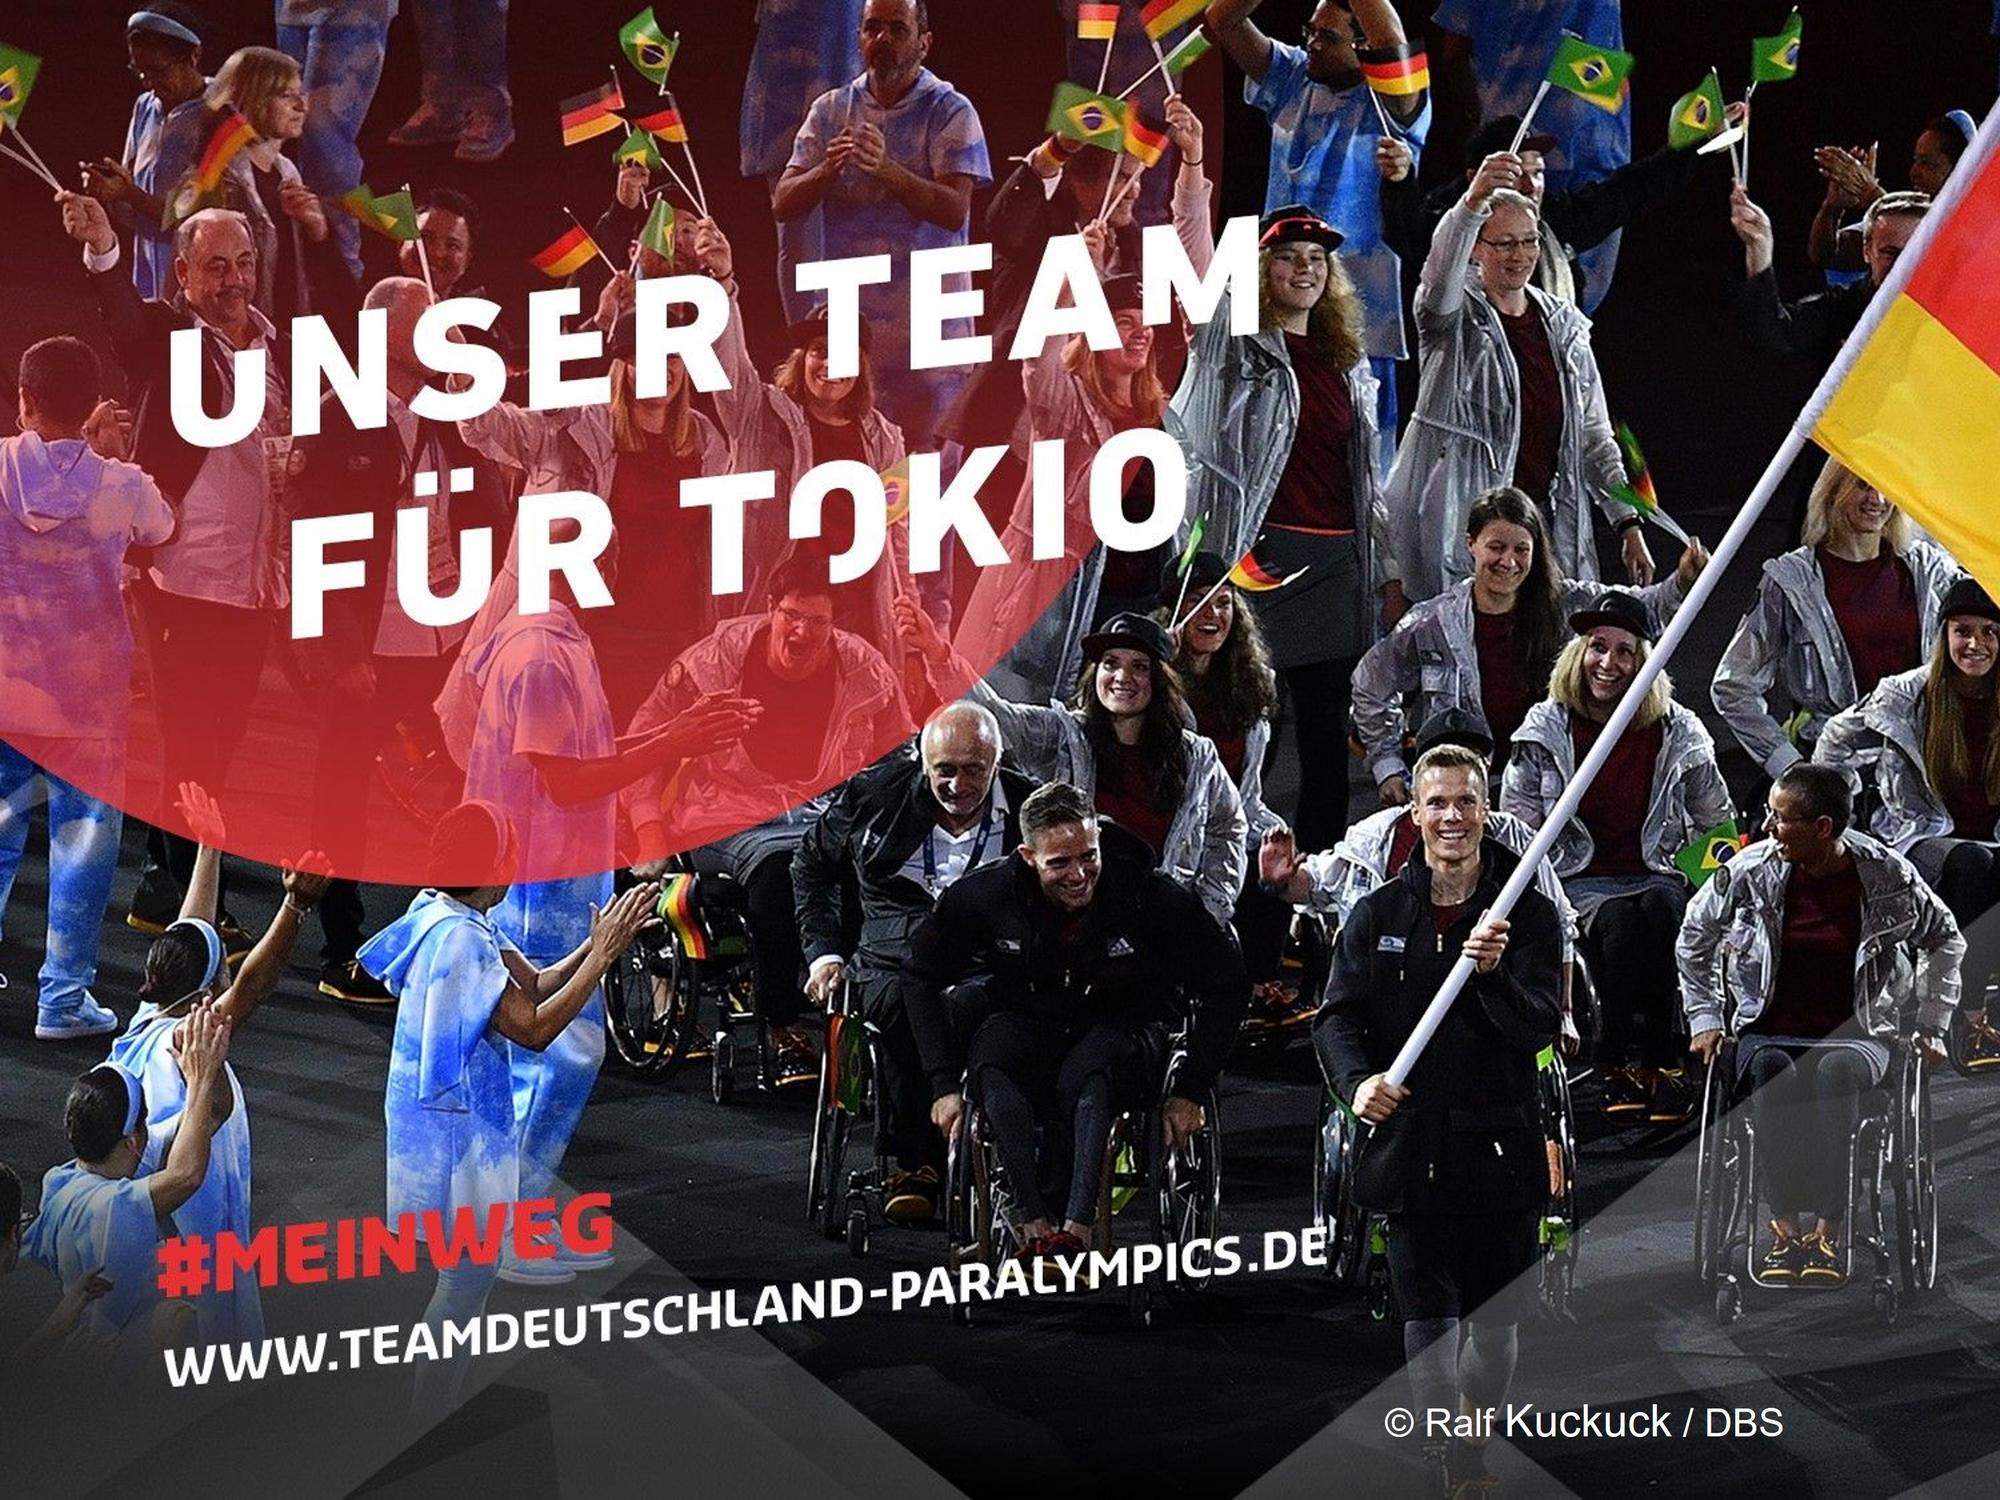 Eine Aufnahme des deutschen Paralympic-Teams von oben. Darüber der Schriftzug: Unser Team für Tokio. #MeinWeg.